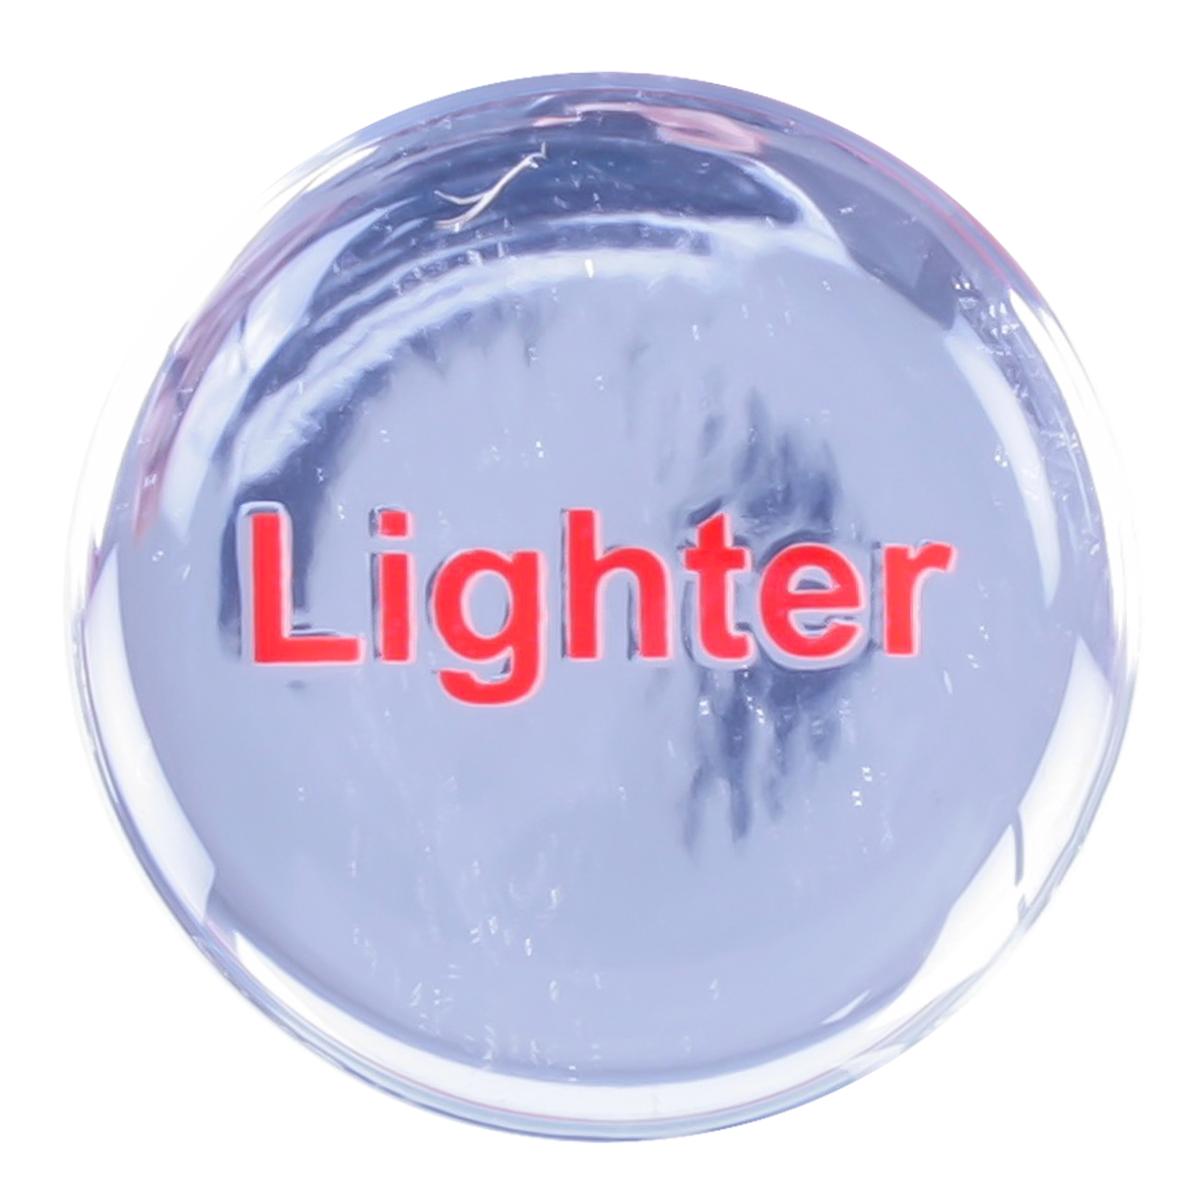 96256 Silver Sticker for Cigarette Lighter Knob